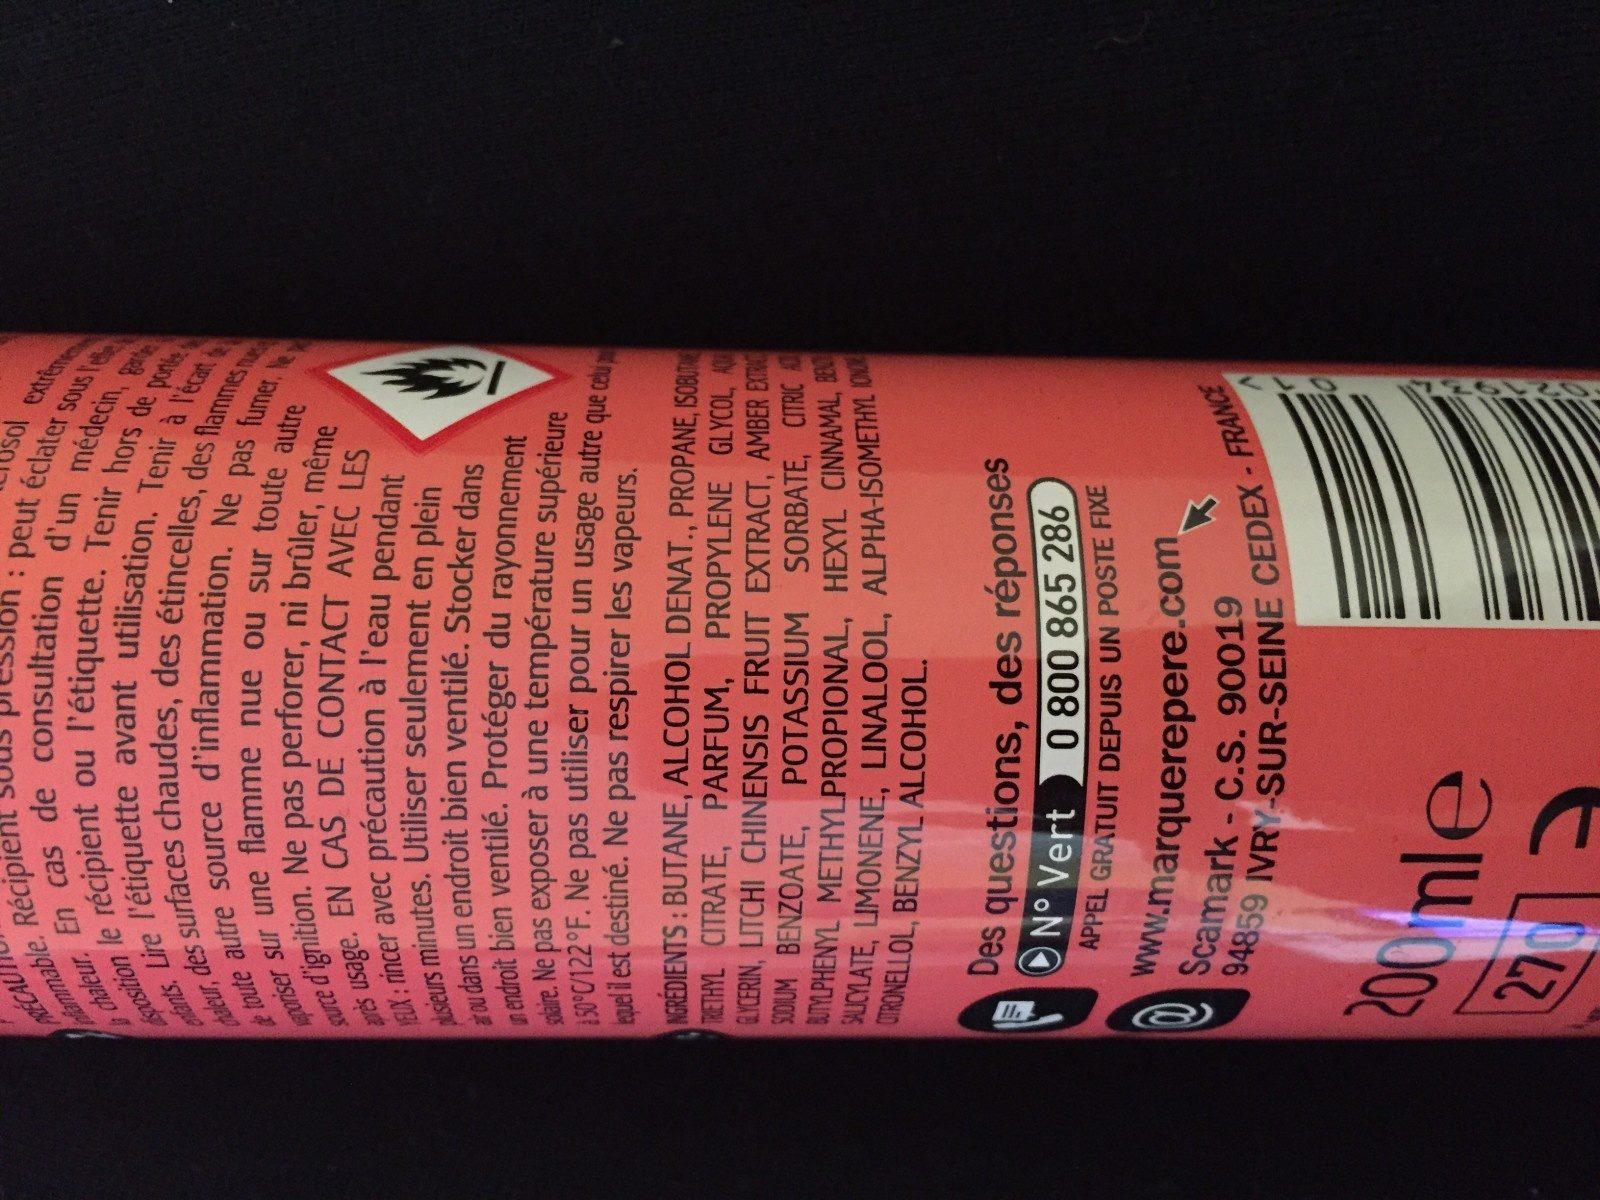 Déodorant Fraicheur grenade litchi, 200 Millilitres - Ingrédients